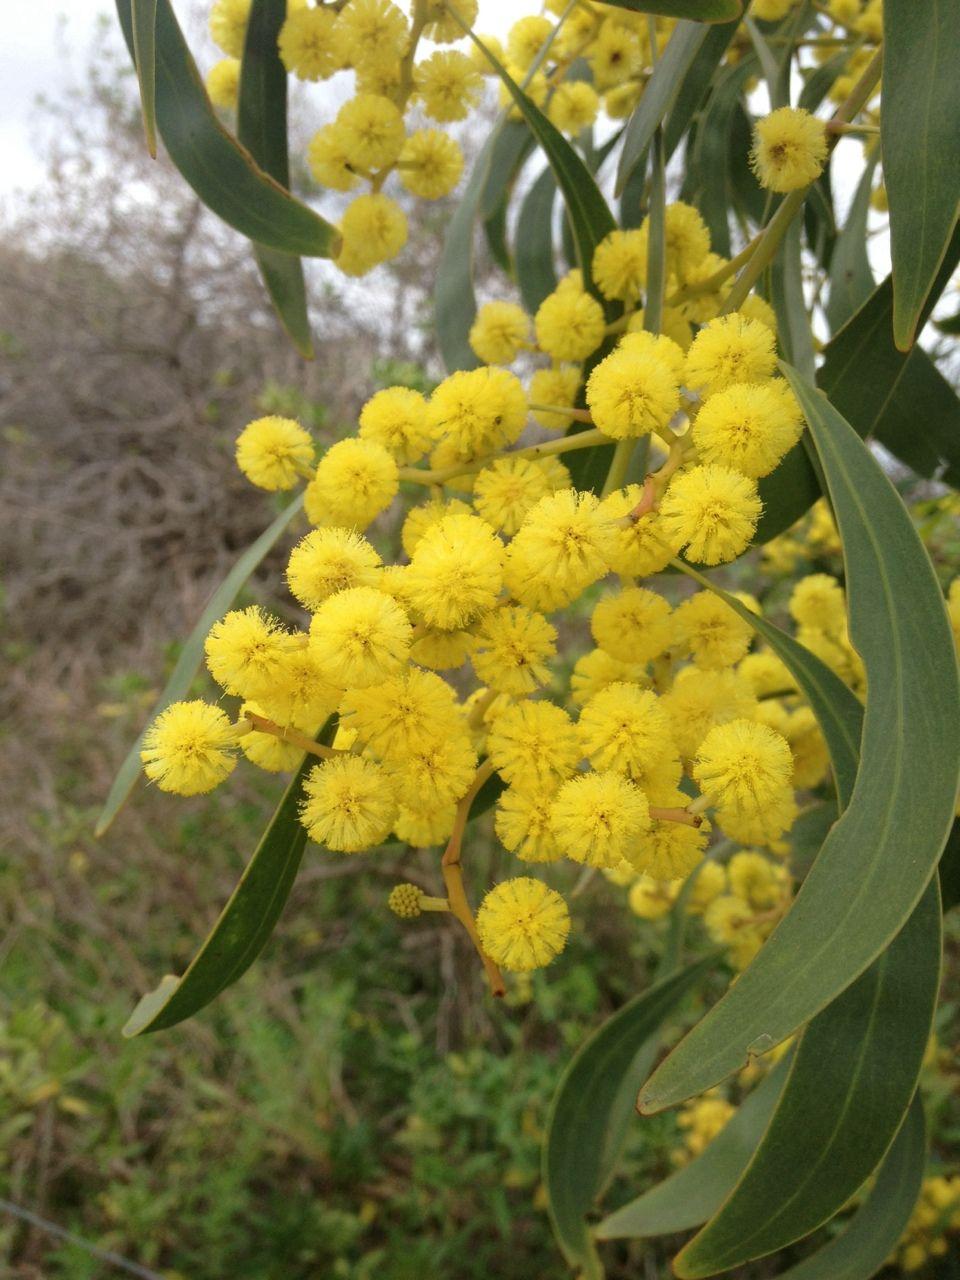 Golden Wattle Flower meanings